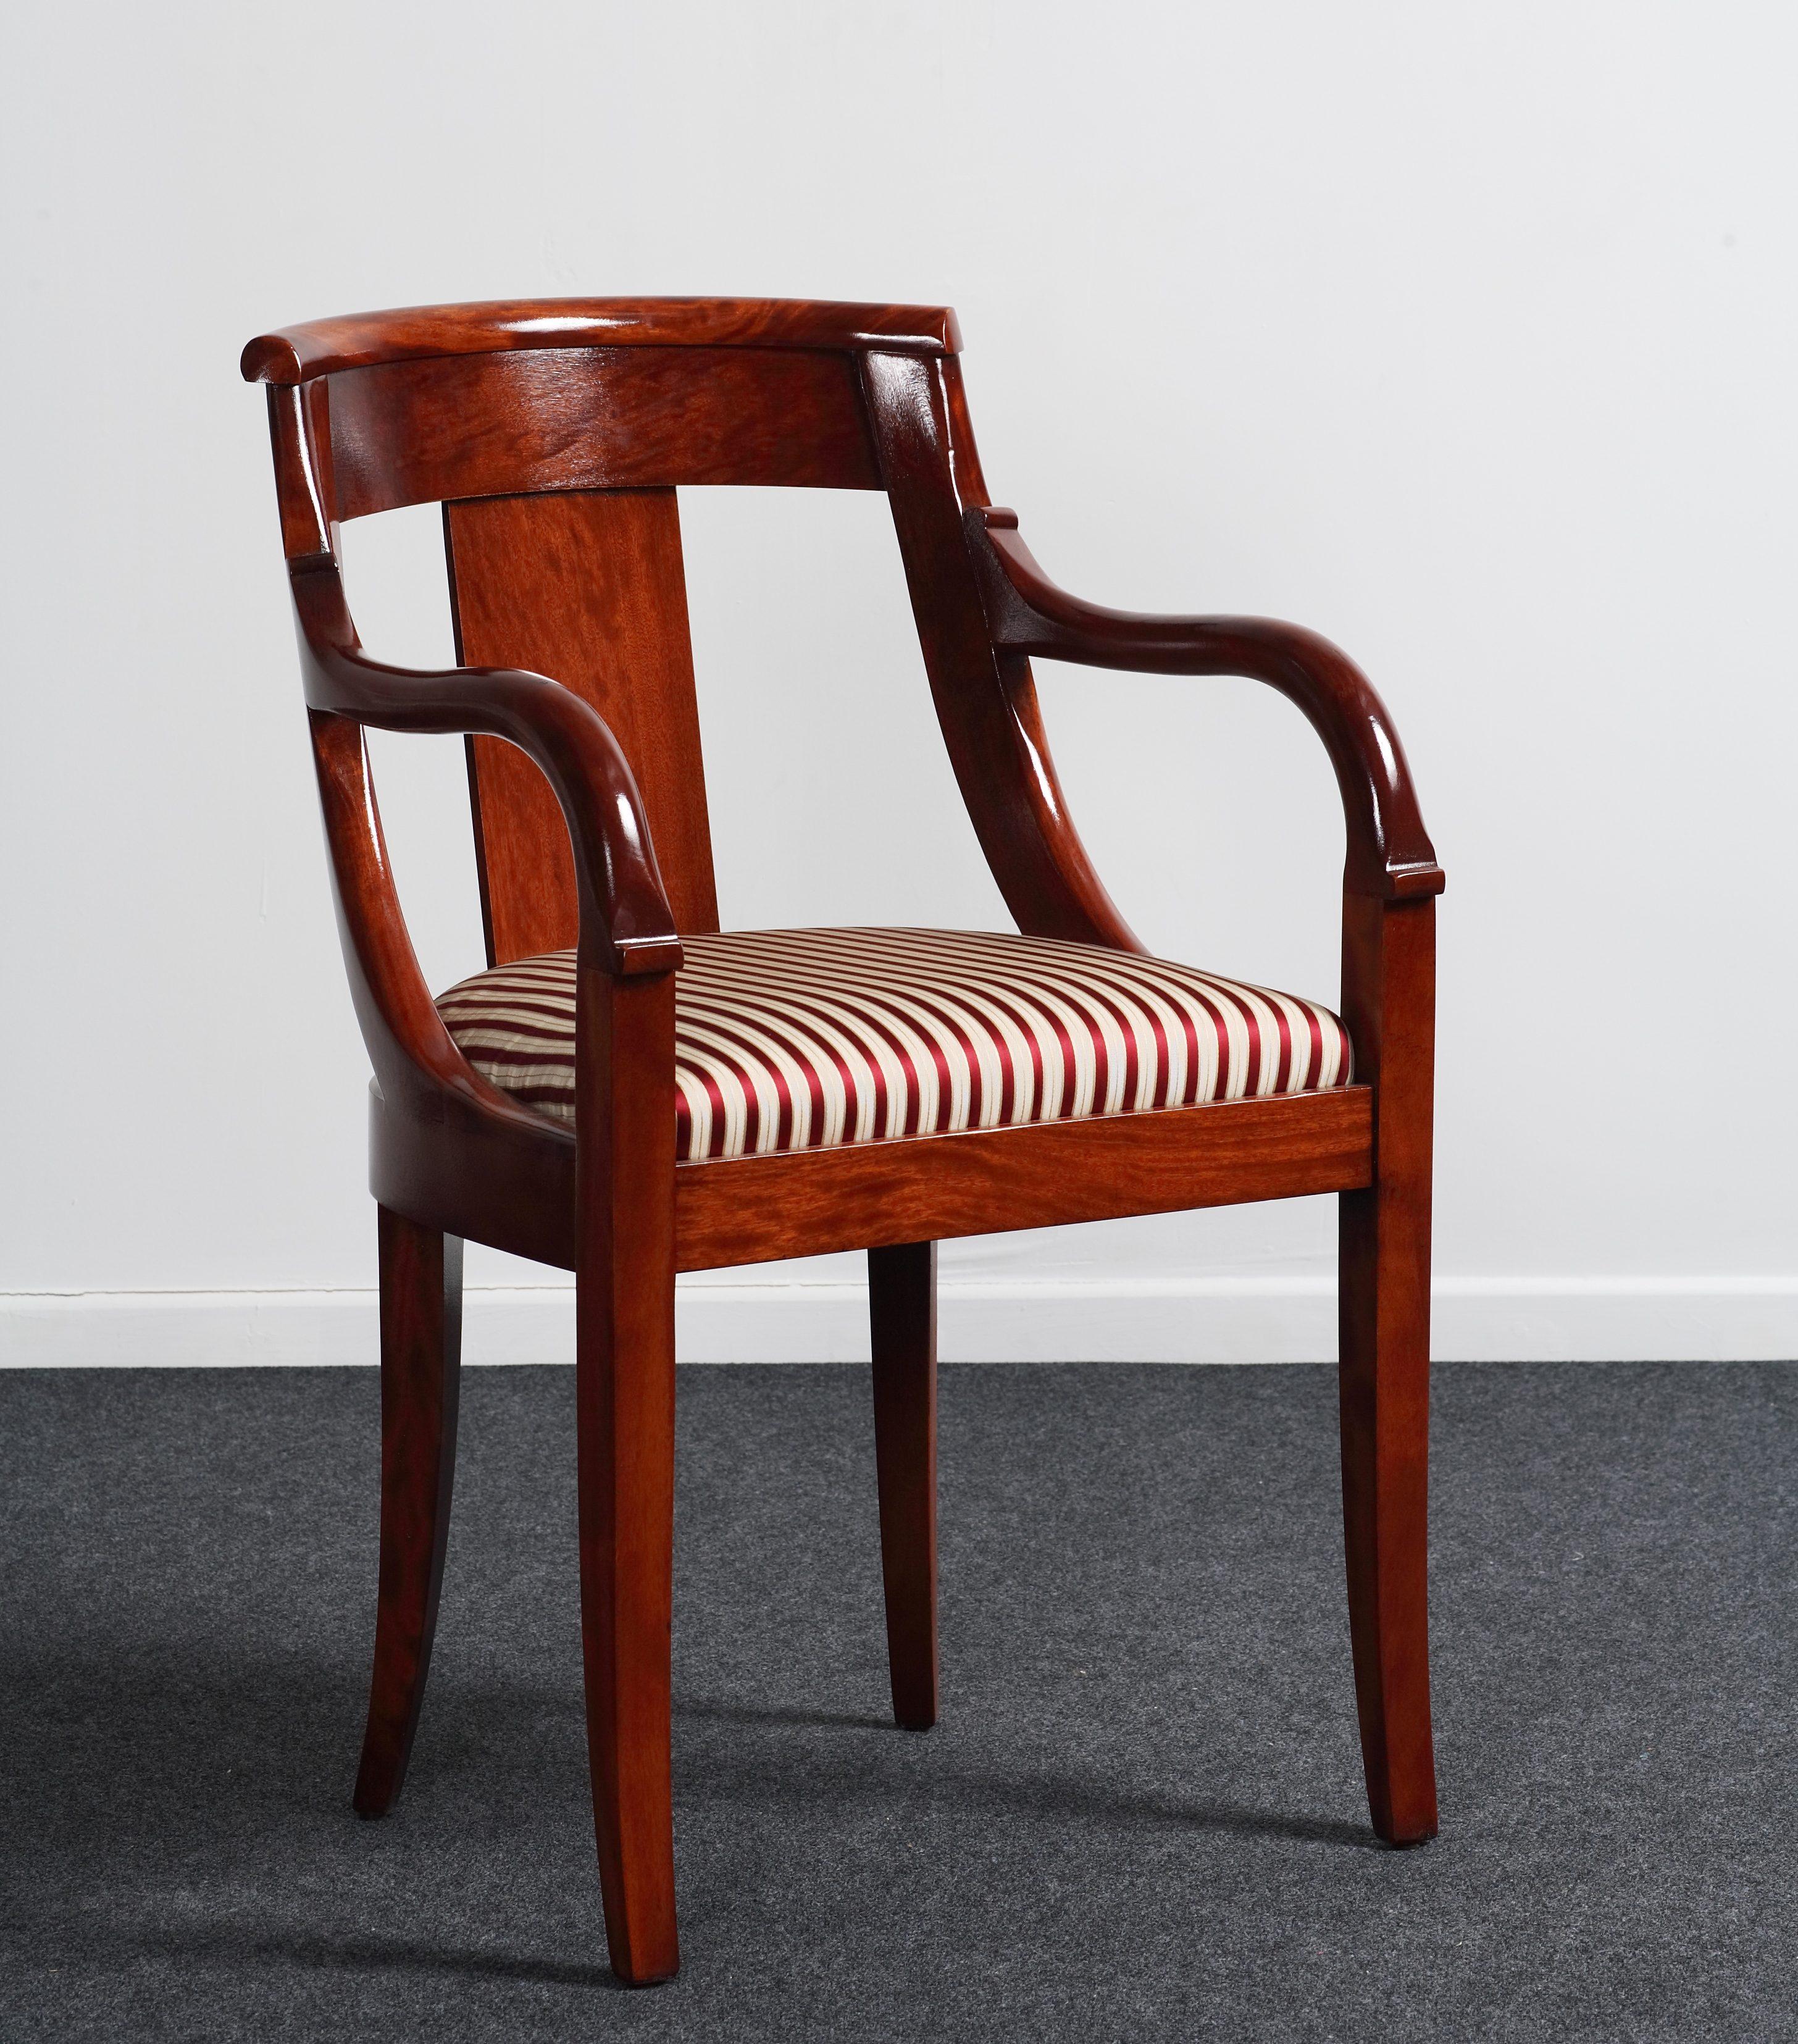 balzarotti cr ateur de meubles et si ges de style fauteuil directoire. Black Bedroom Furniture Sets. Home Design Ideas